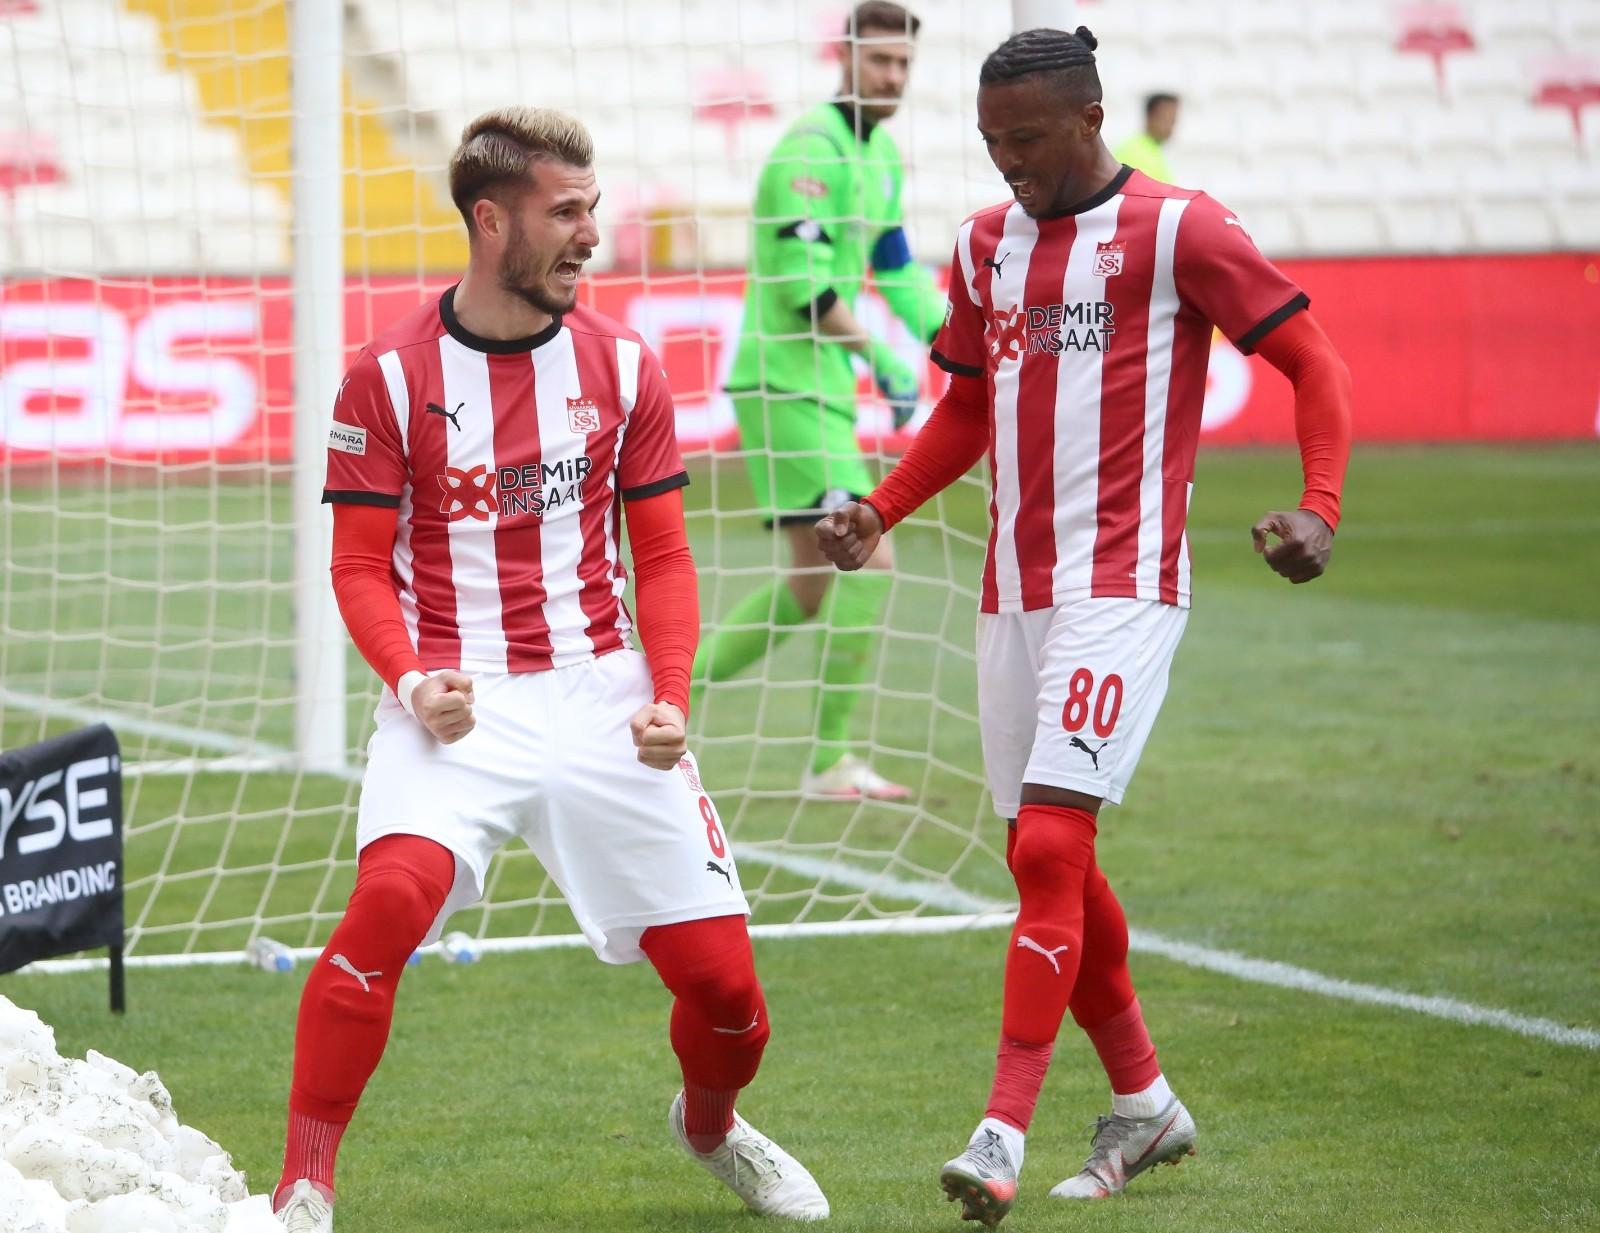 11 maçtır galibiyeti kimselere bırakmıyorlar! Sivasspor 11 maçtır yenilmiyor